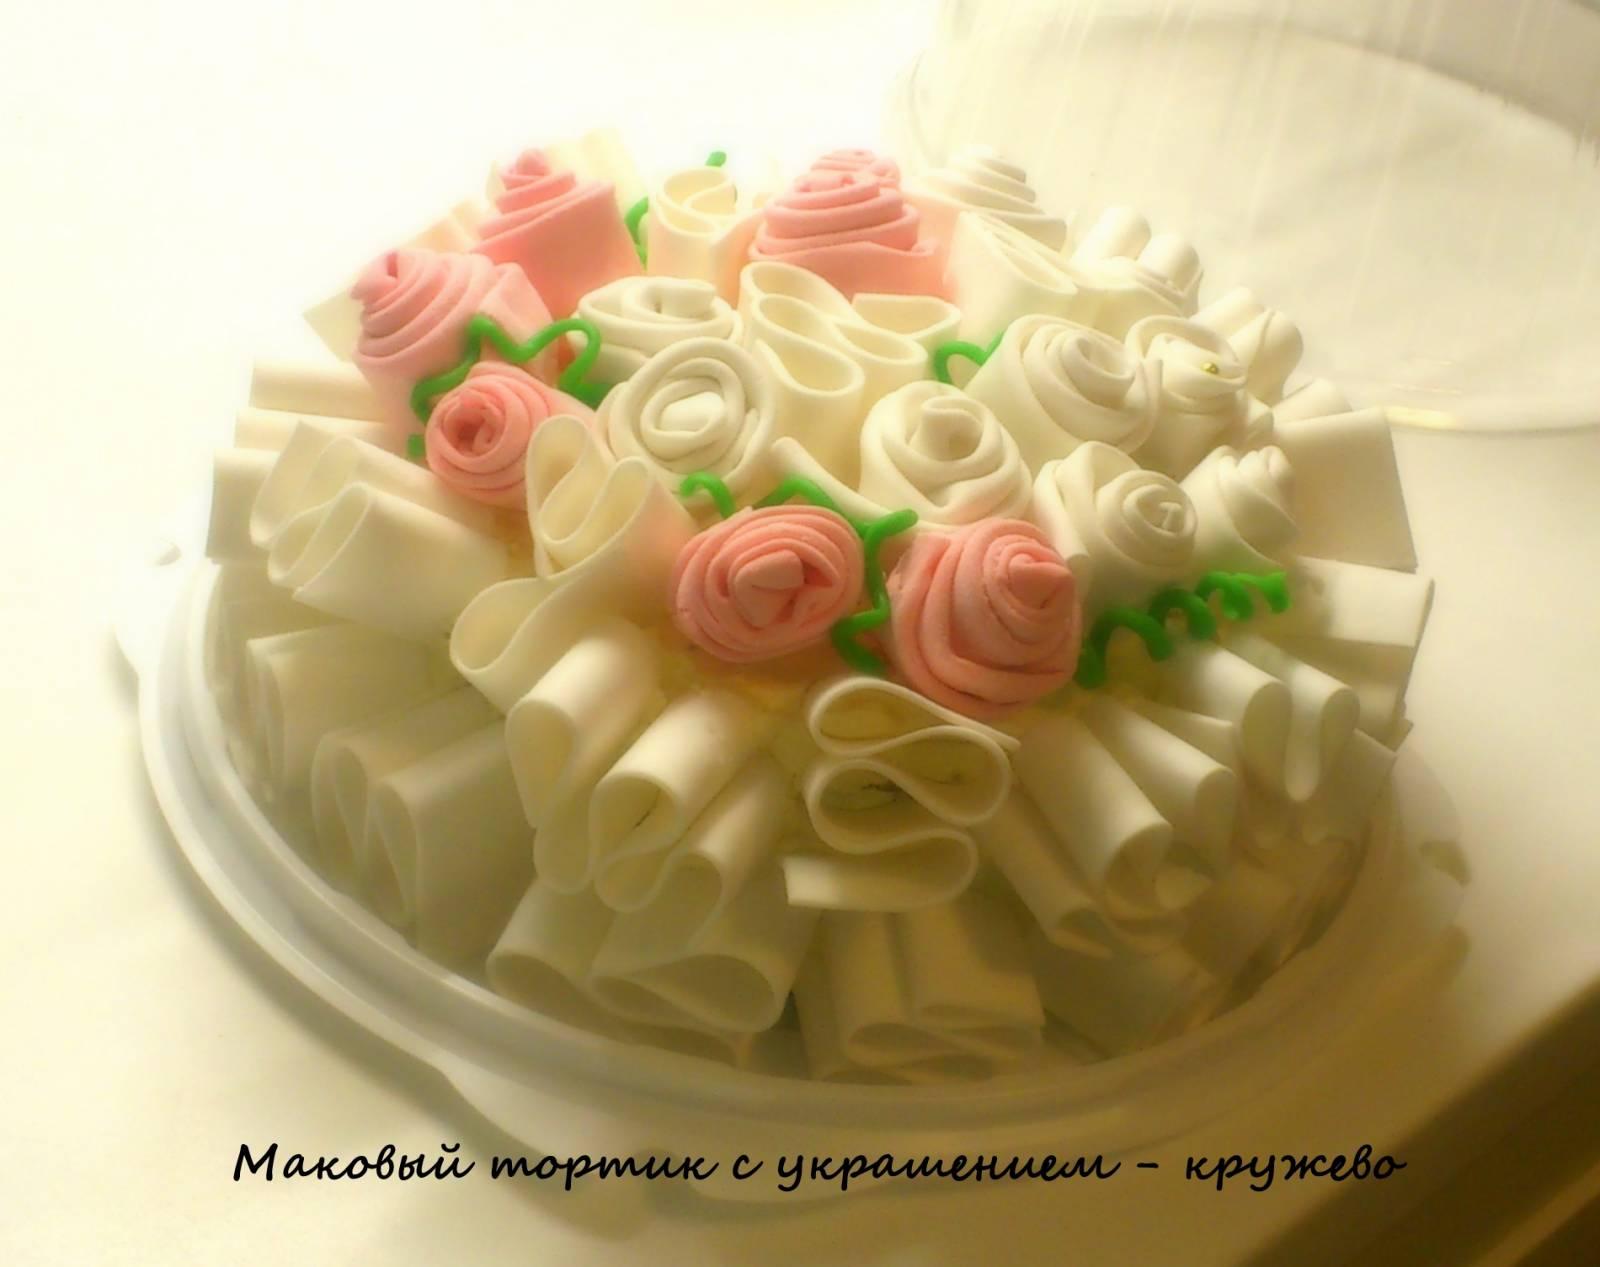 Рецепт: Рецепт крема для украшения тортов - все рецепты России 41